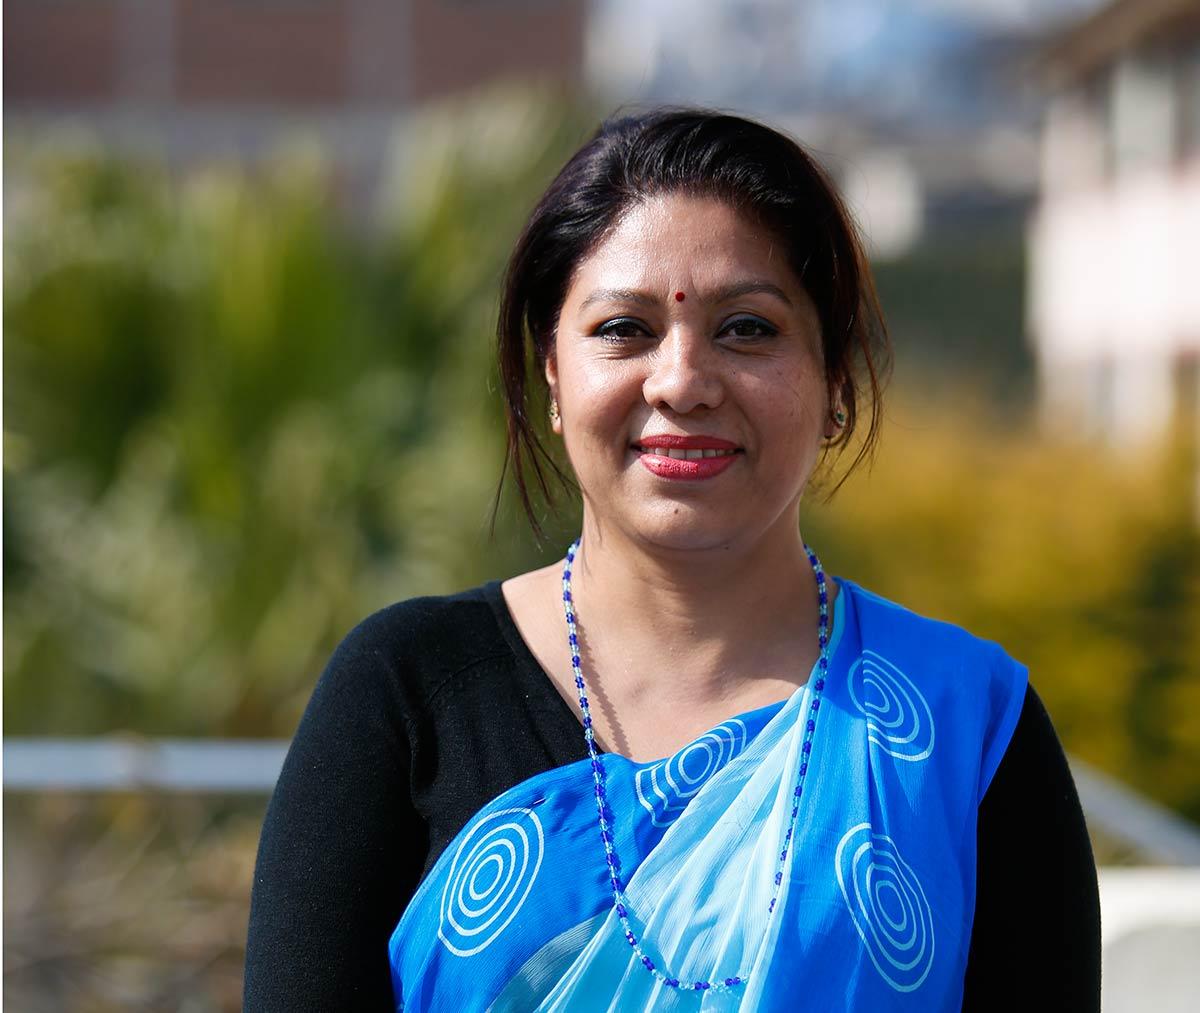 Nepalilainen vapaaehtoinen terveydenhoitaja Jyotsna Sindukar